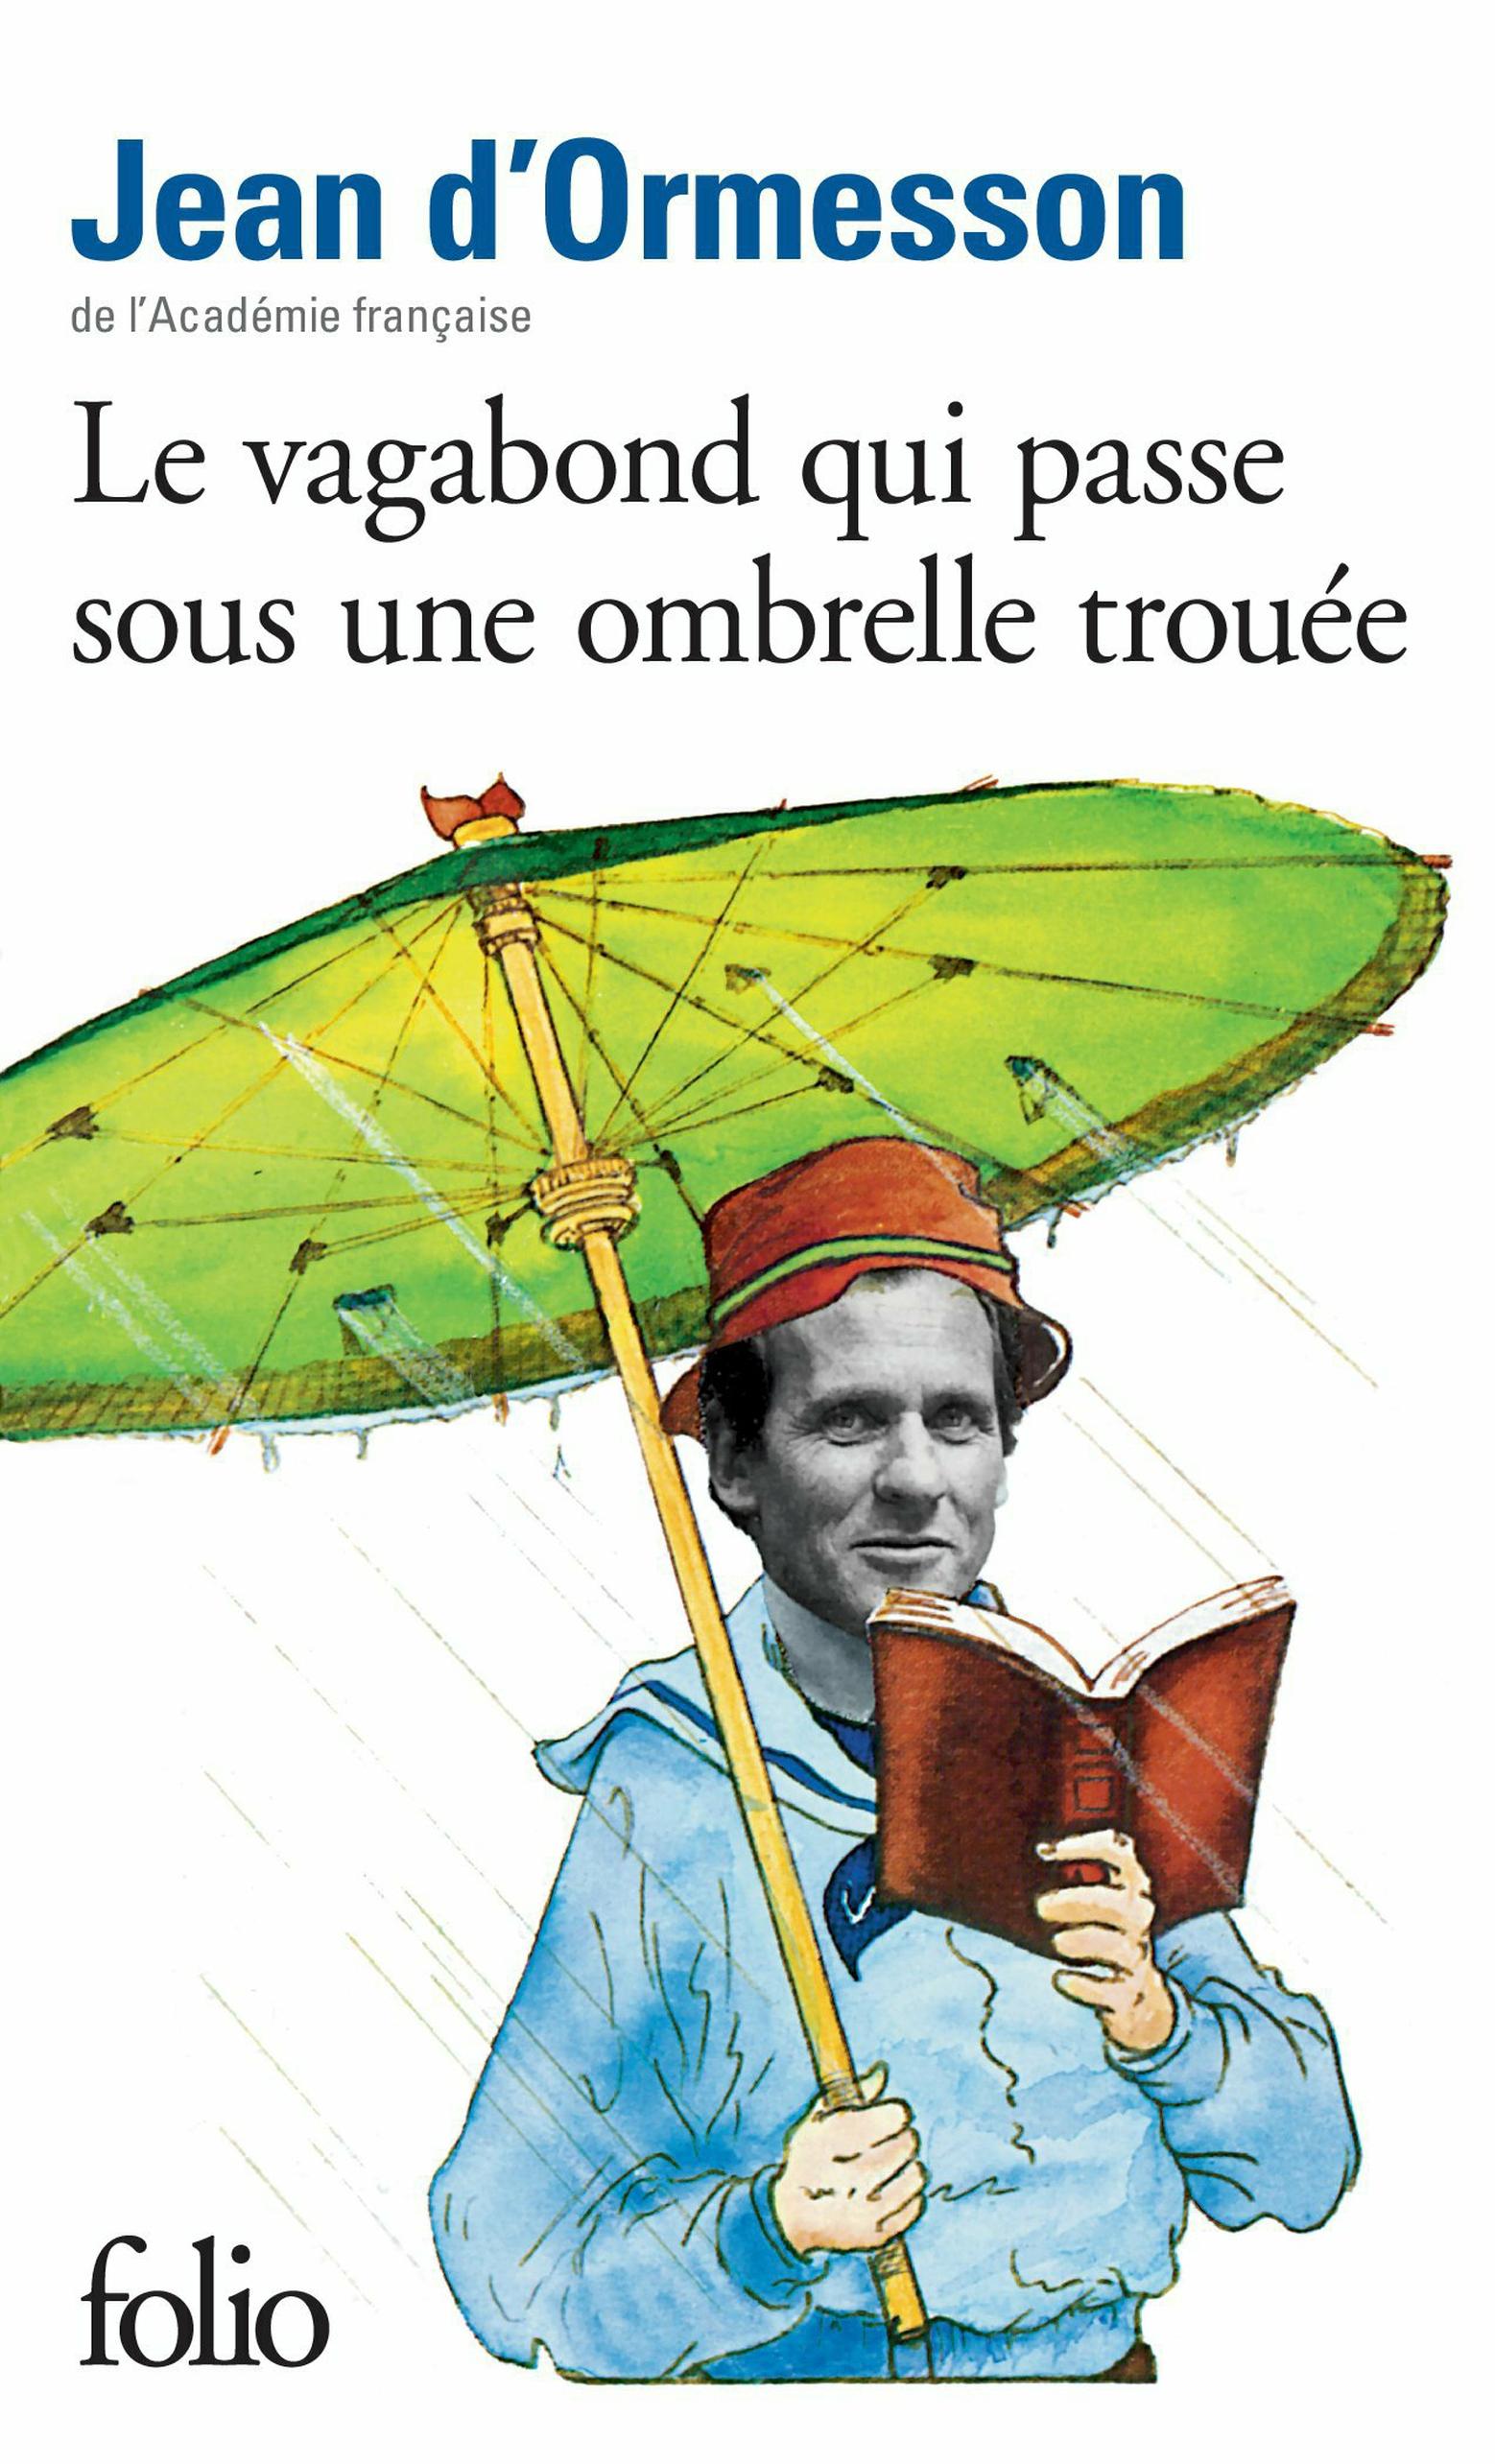 Le vagabond qui passe sous une ombrelle trouée